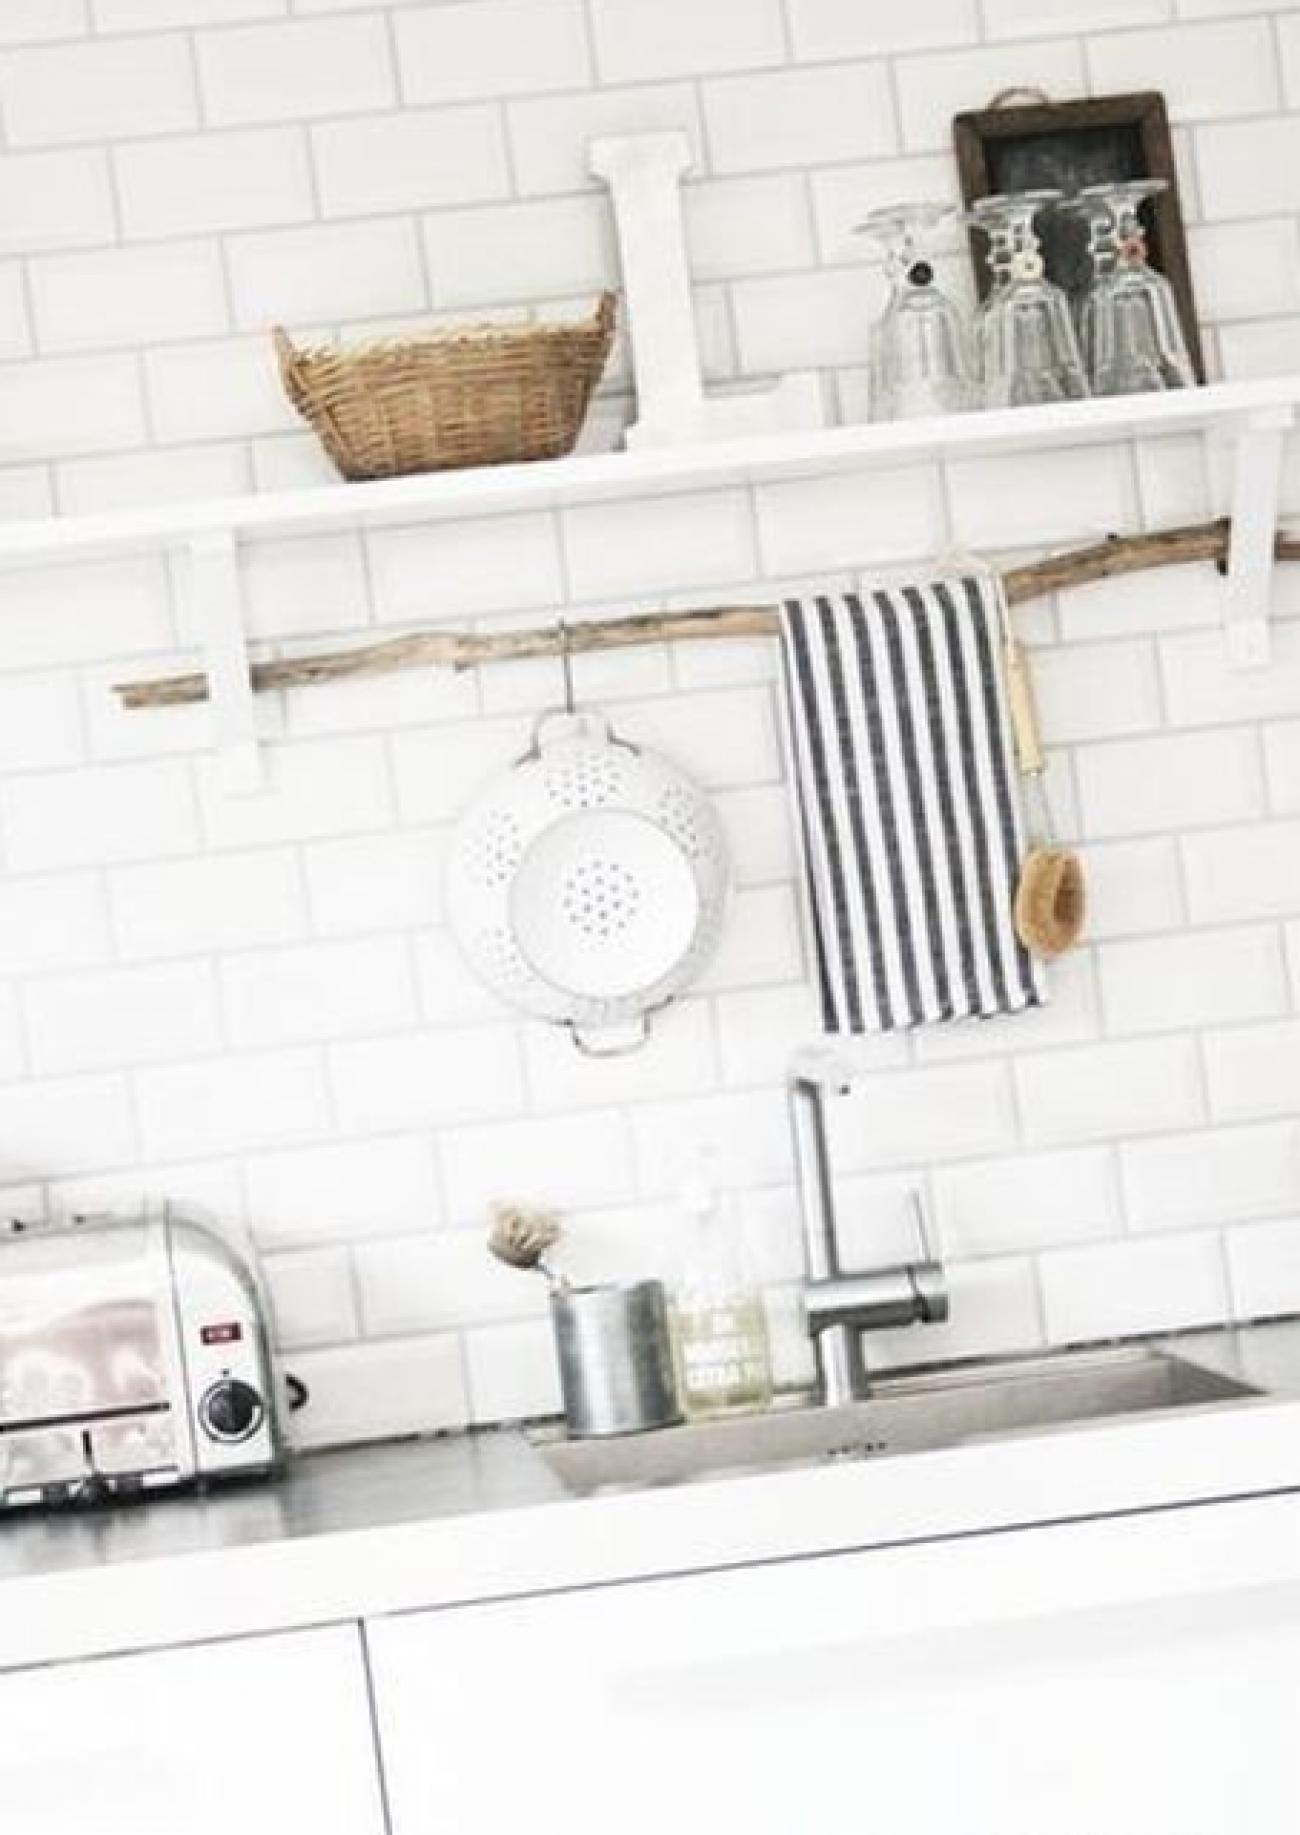 Coole Idee einen Ast zum Geschirrtücher dran aufzuhängen für die ...